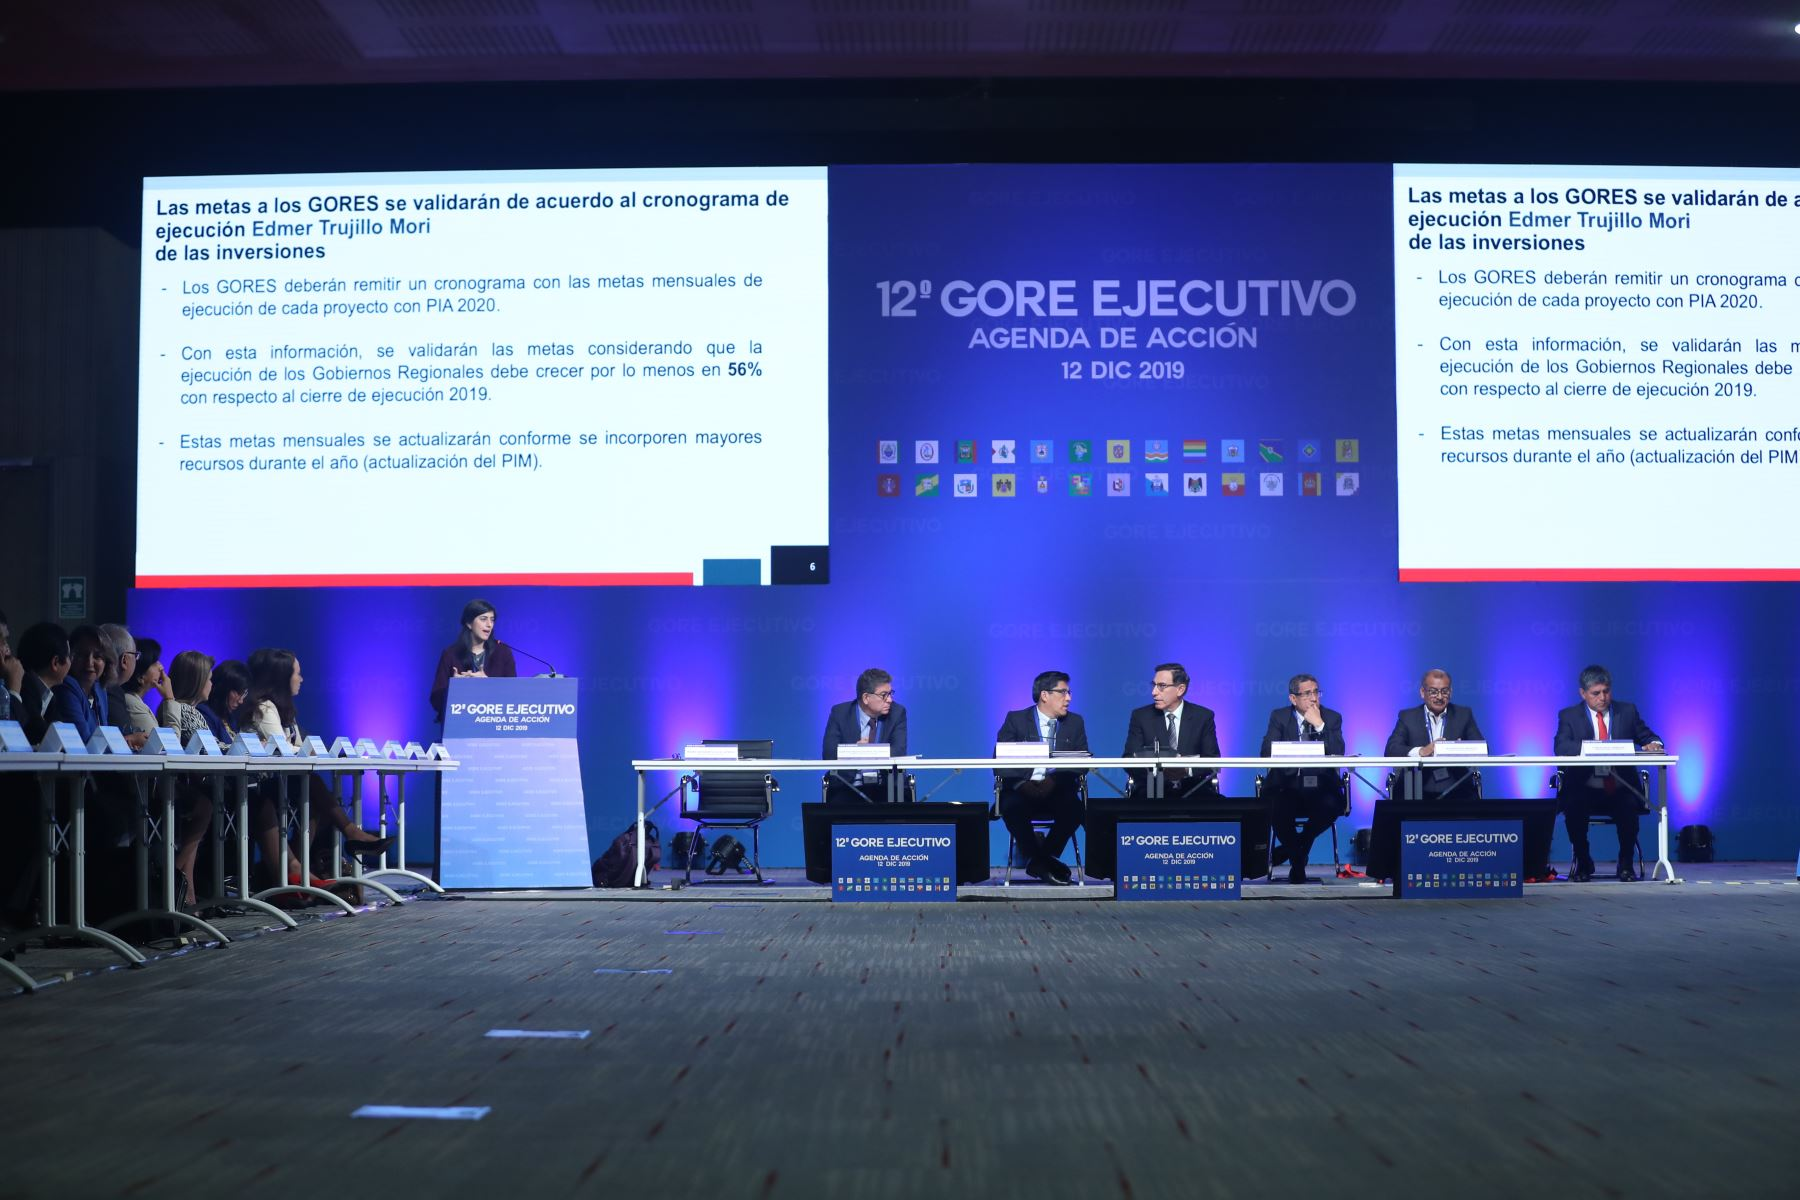 Ministra de Economía, María Antonieta Alva participa participa en la 12° Gore Ejecutivo. Foto: ANDINA/Melina Mejía